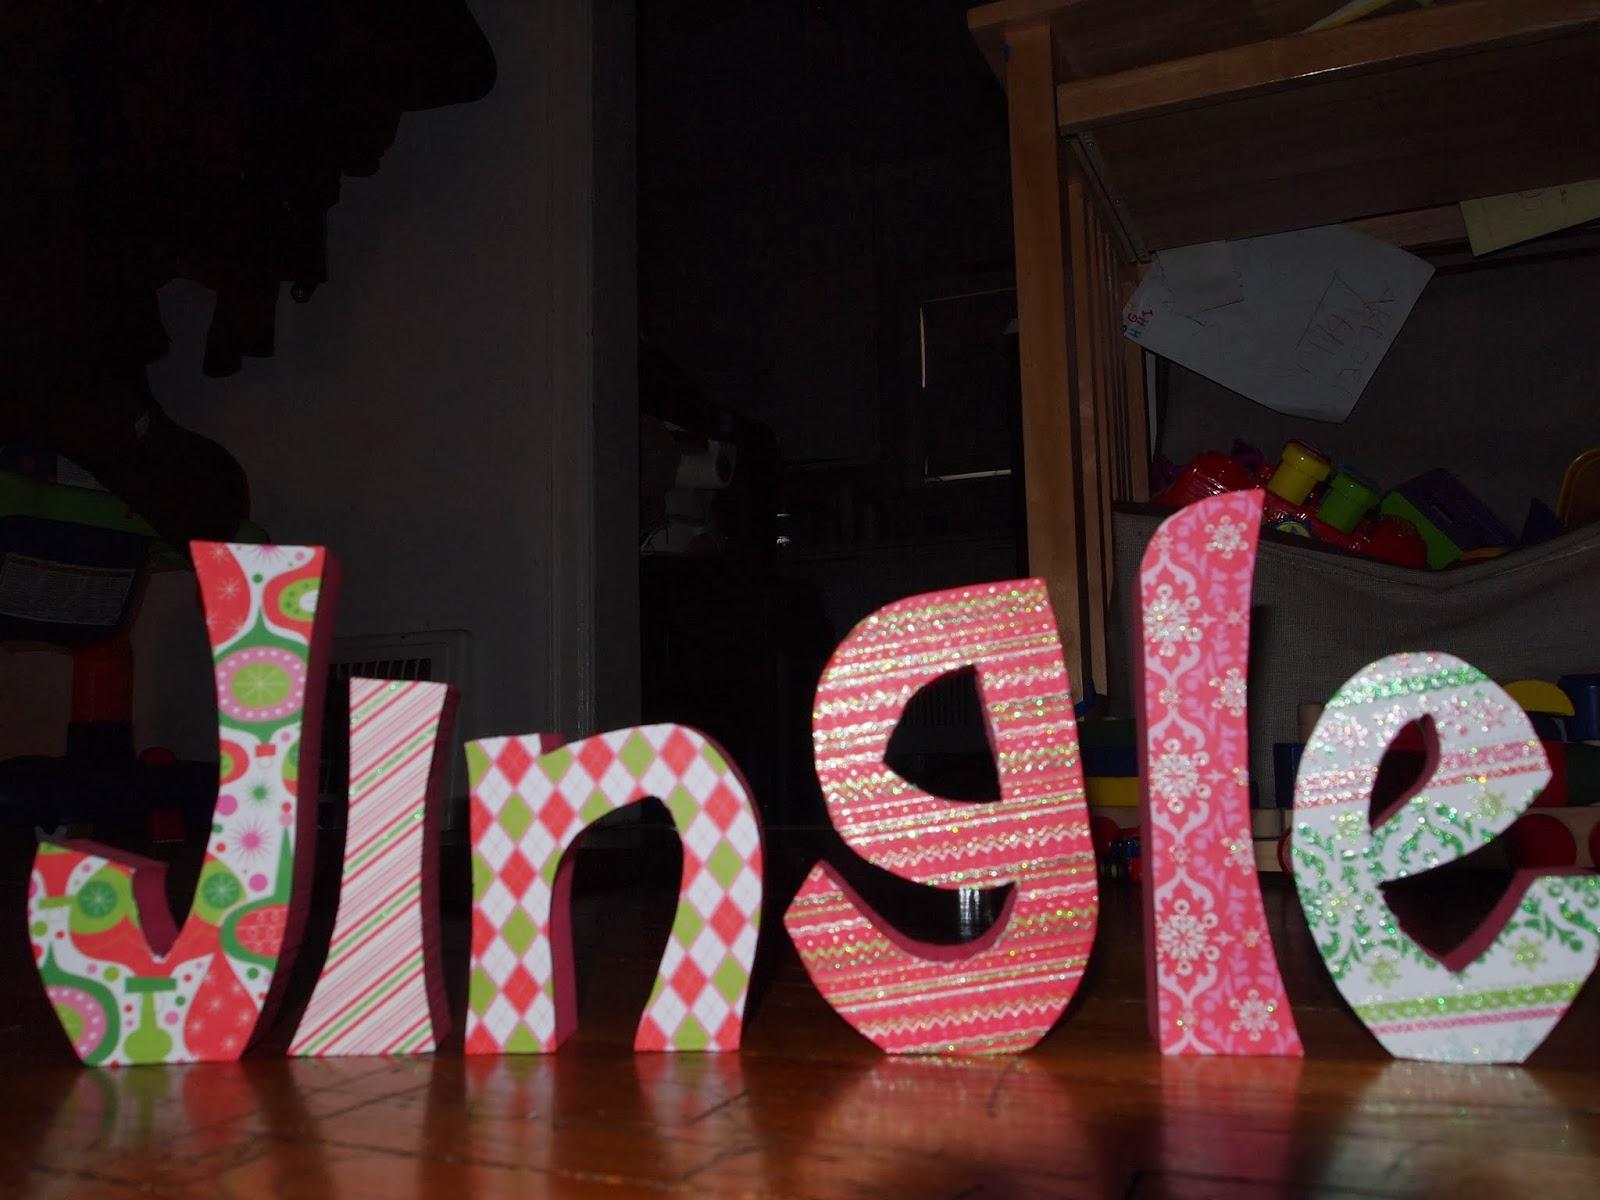 Jingle wood cutout